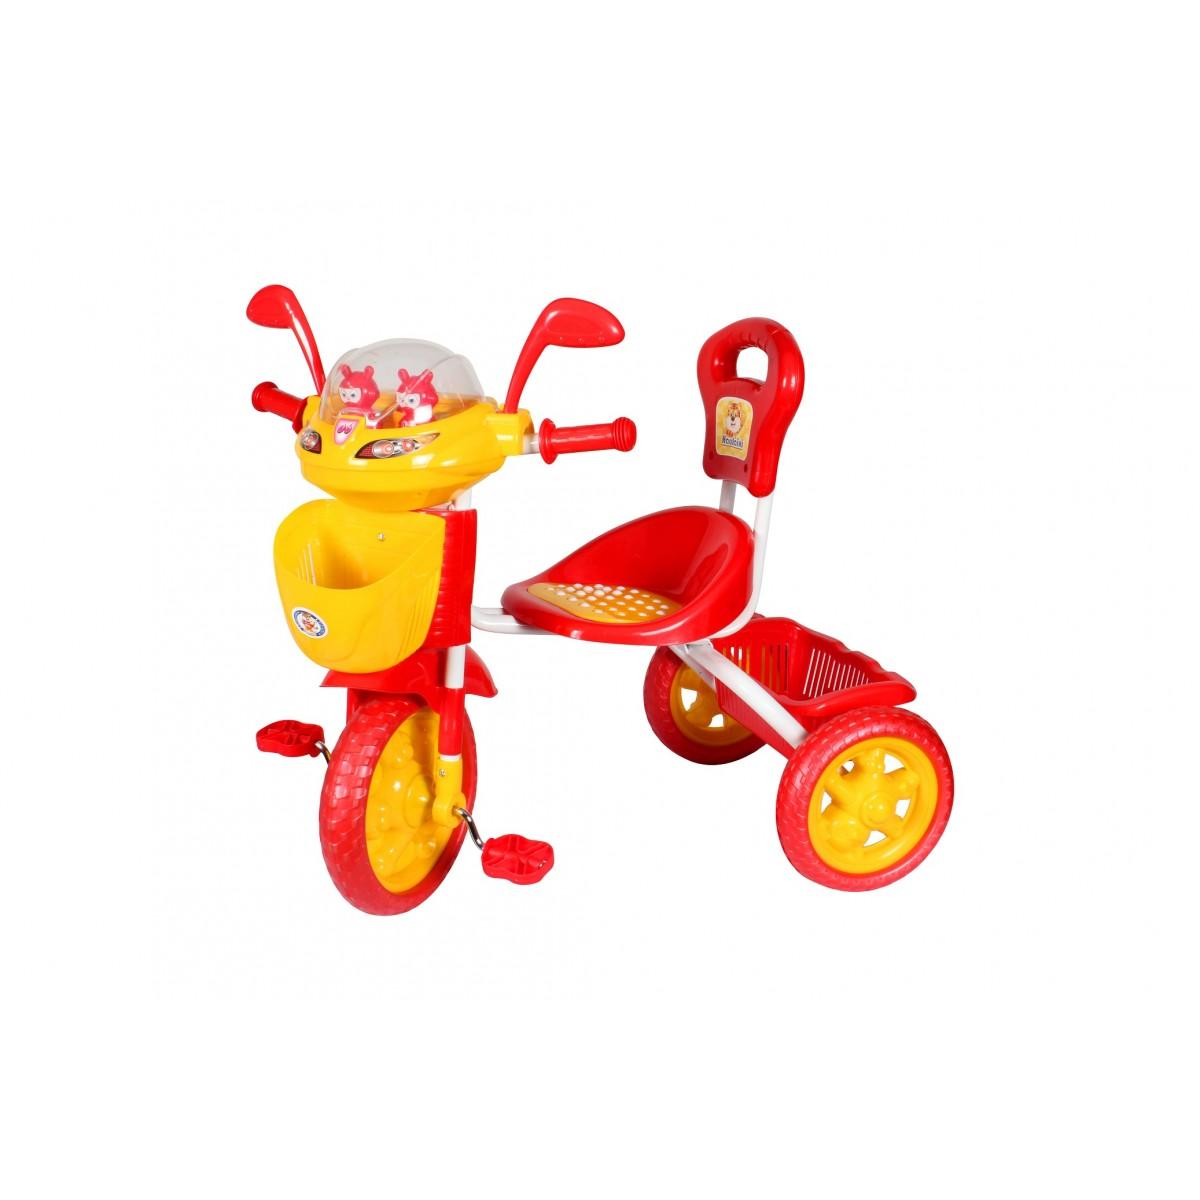 HLX - NMC Kids Spaceship Tricycle Cum Rocker (2016)